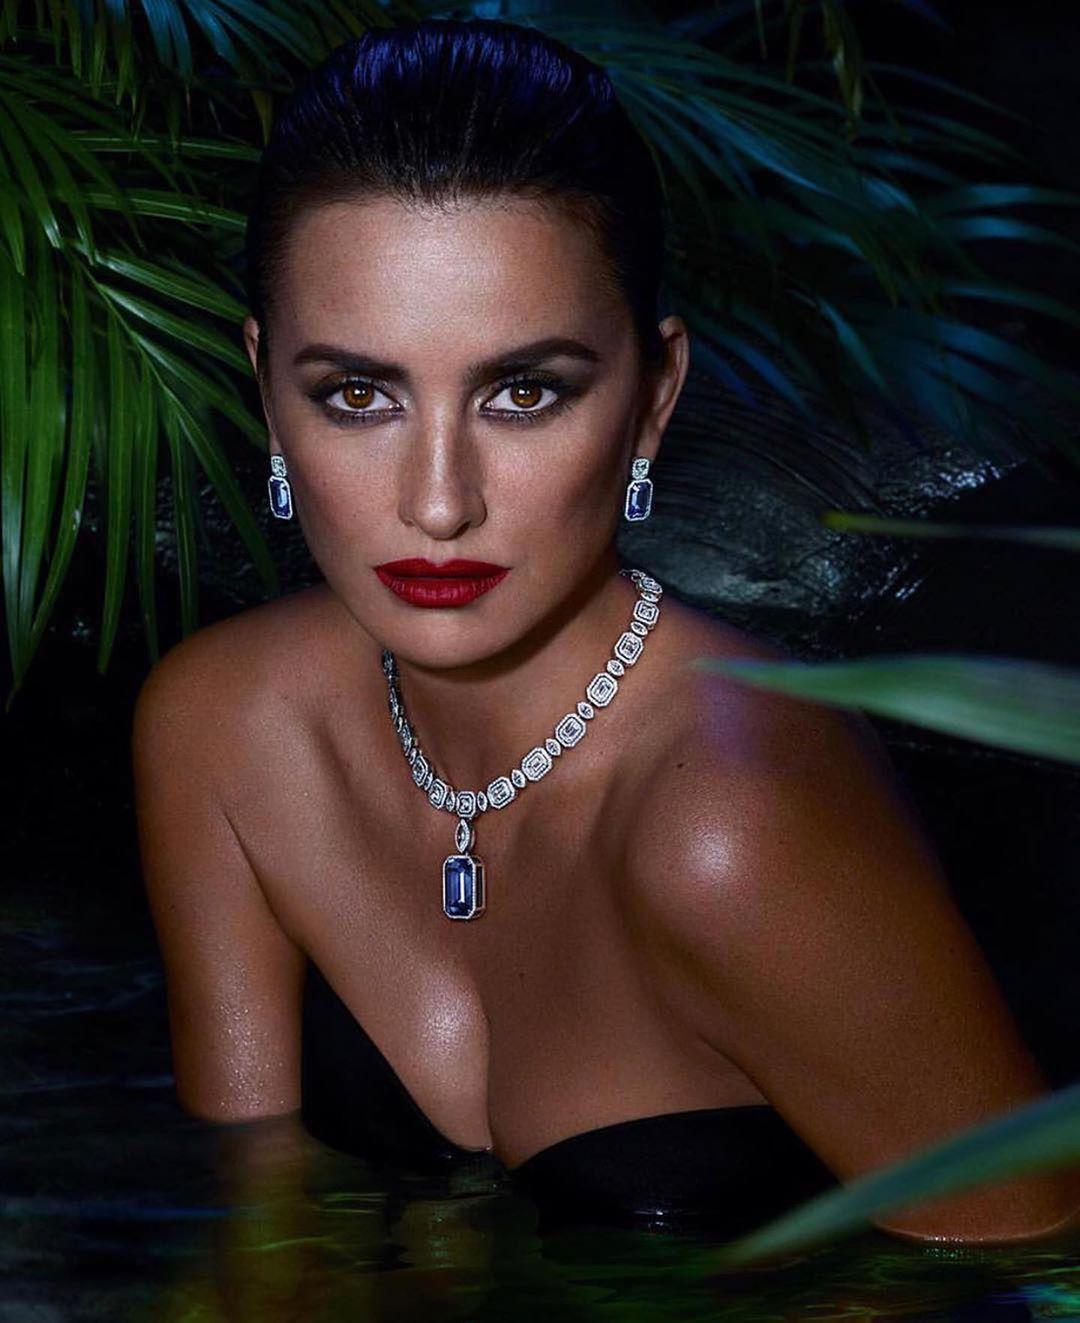 Пенелопа Крус в рекламной кампании ювелирных украшений-Фото 2